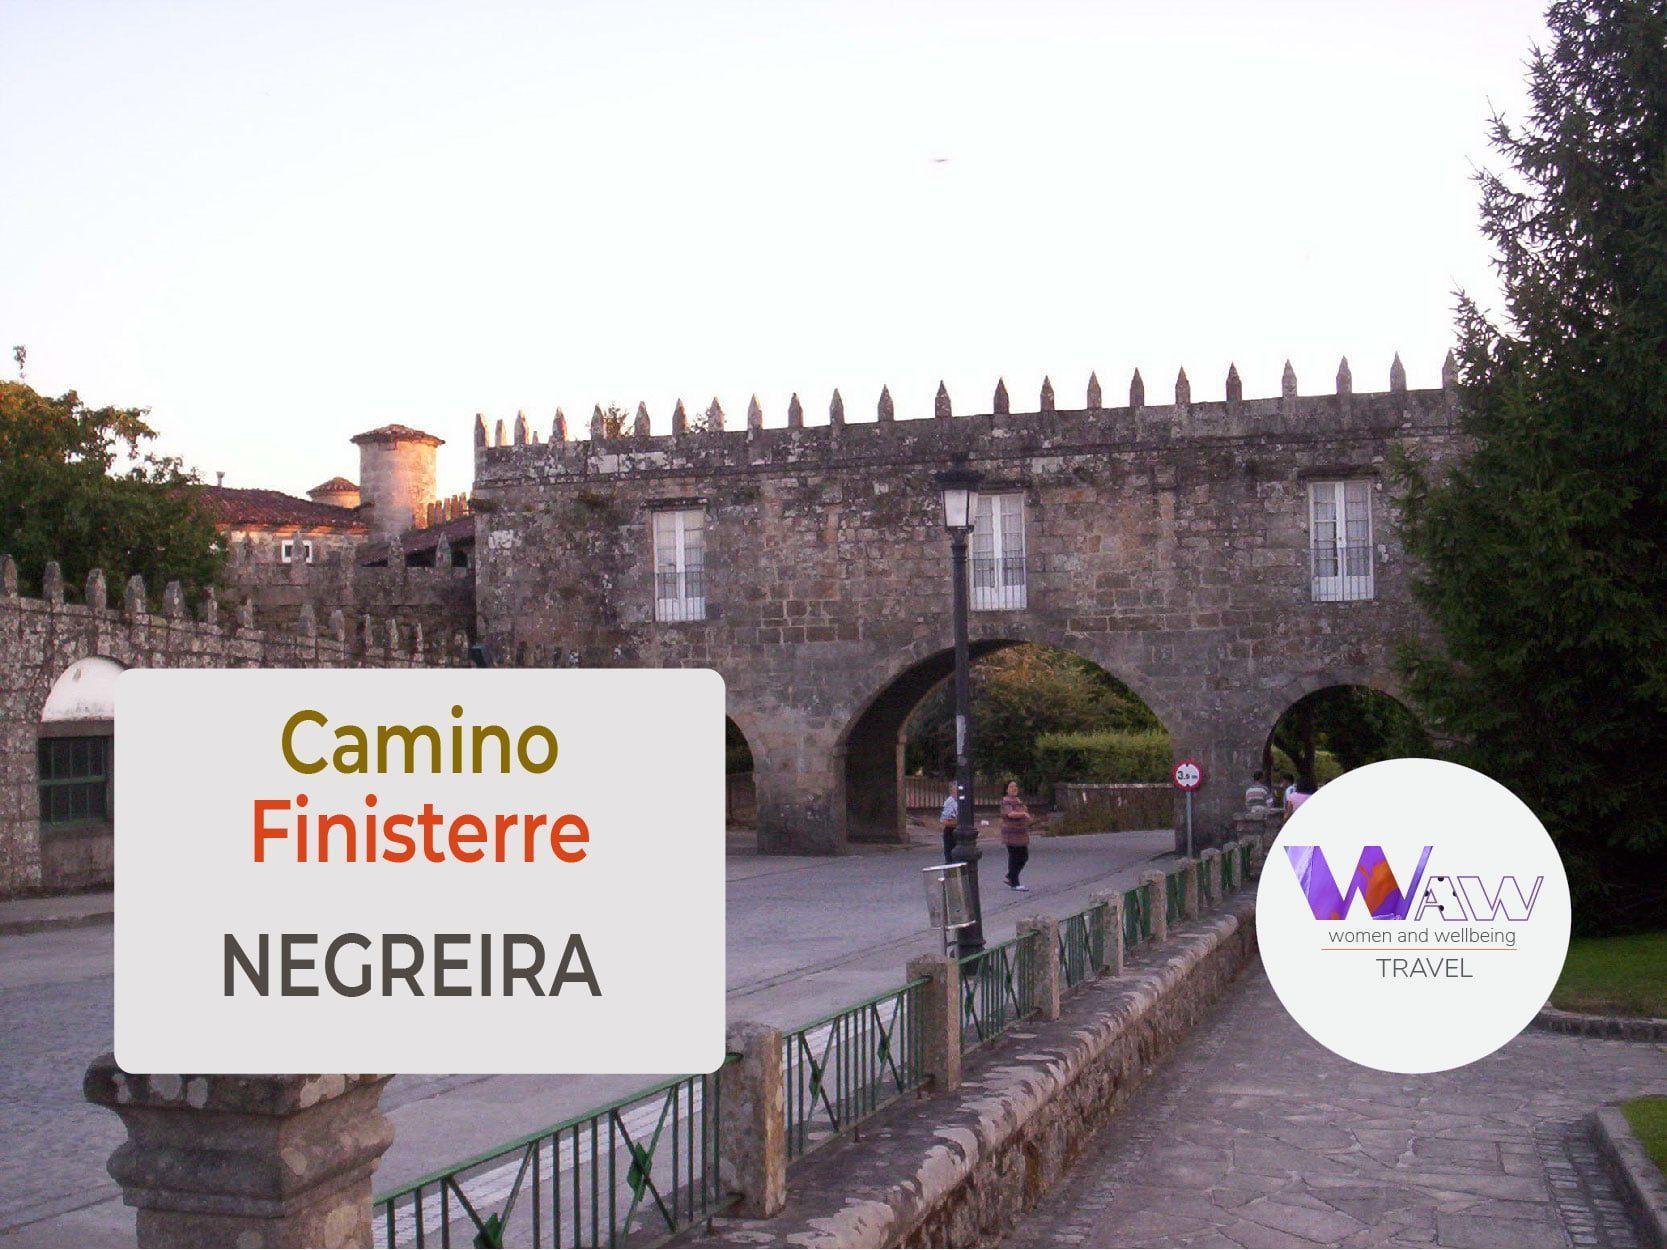 Tag 2 Etappe Santiago de Compostela - Negreira 22 km